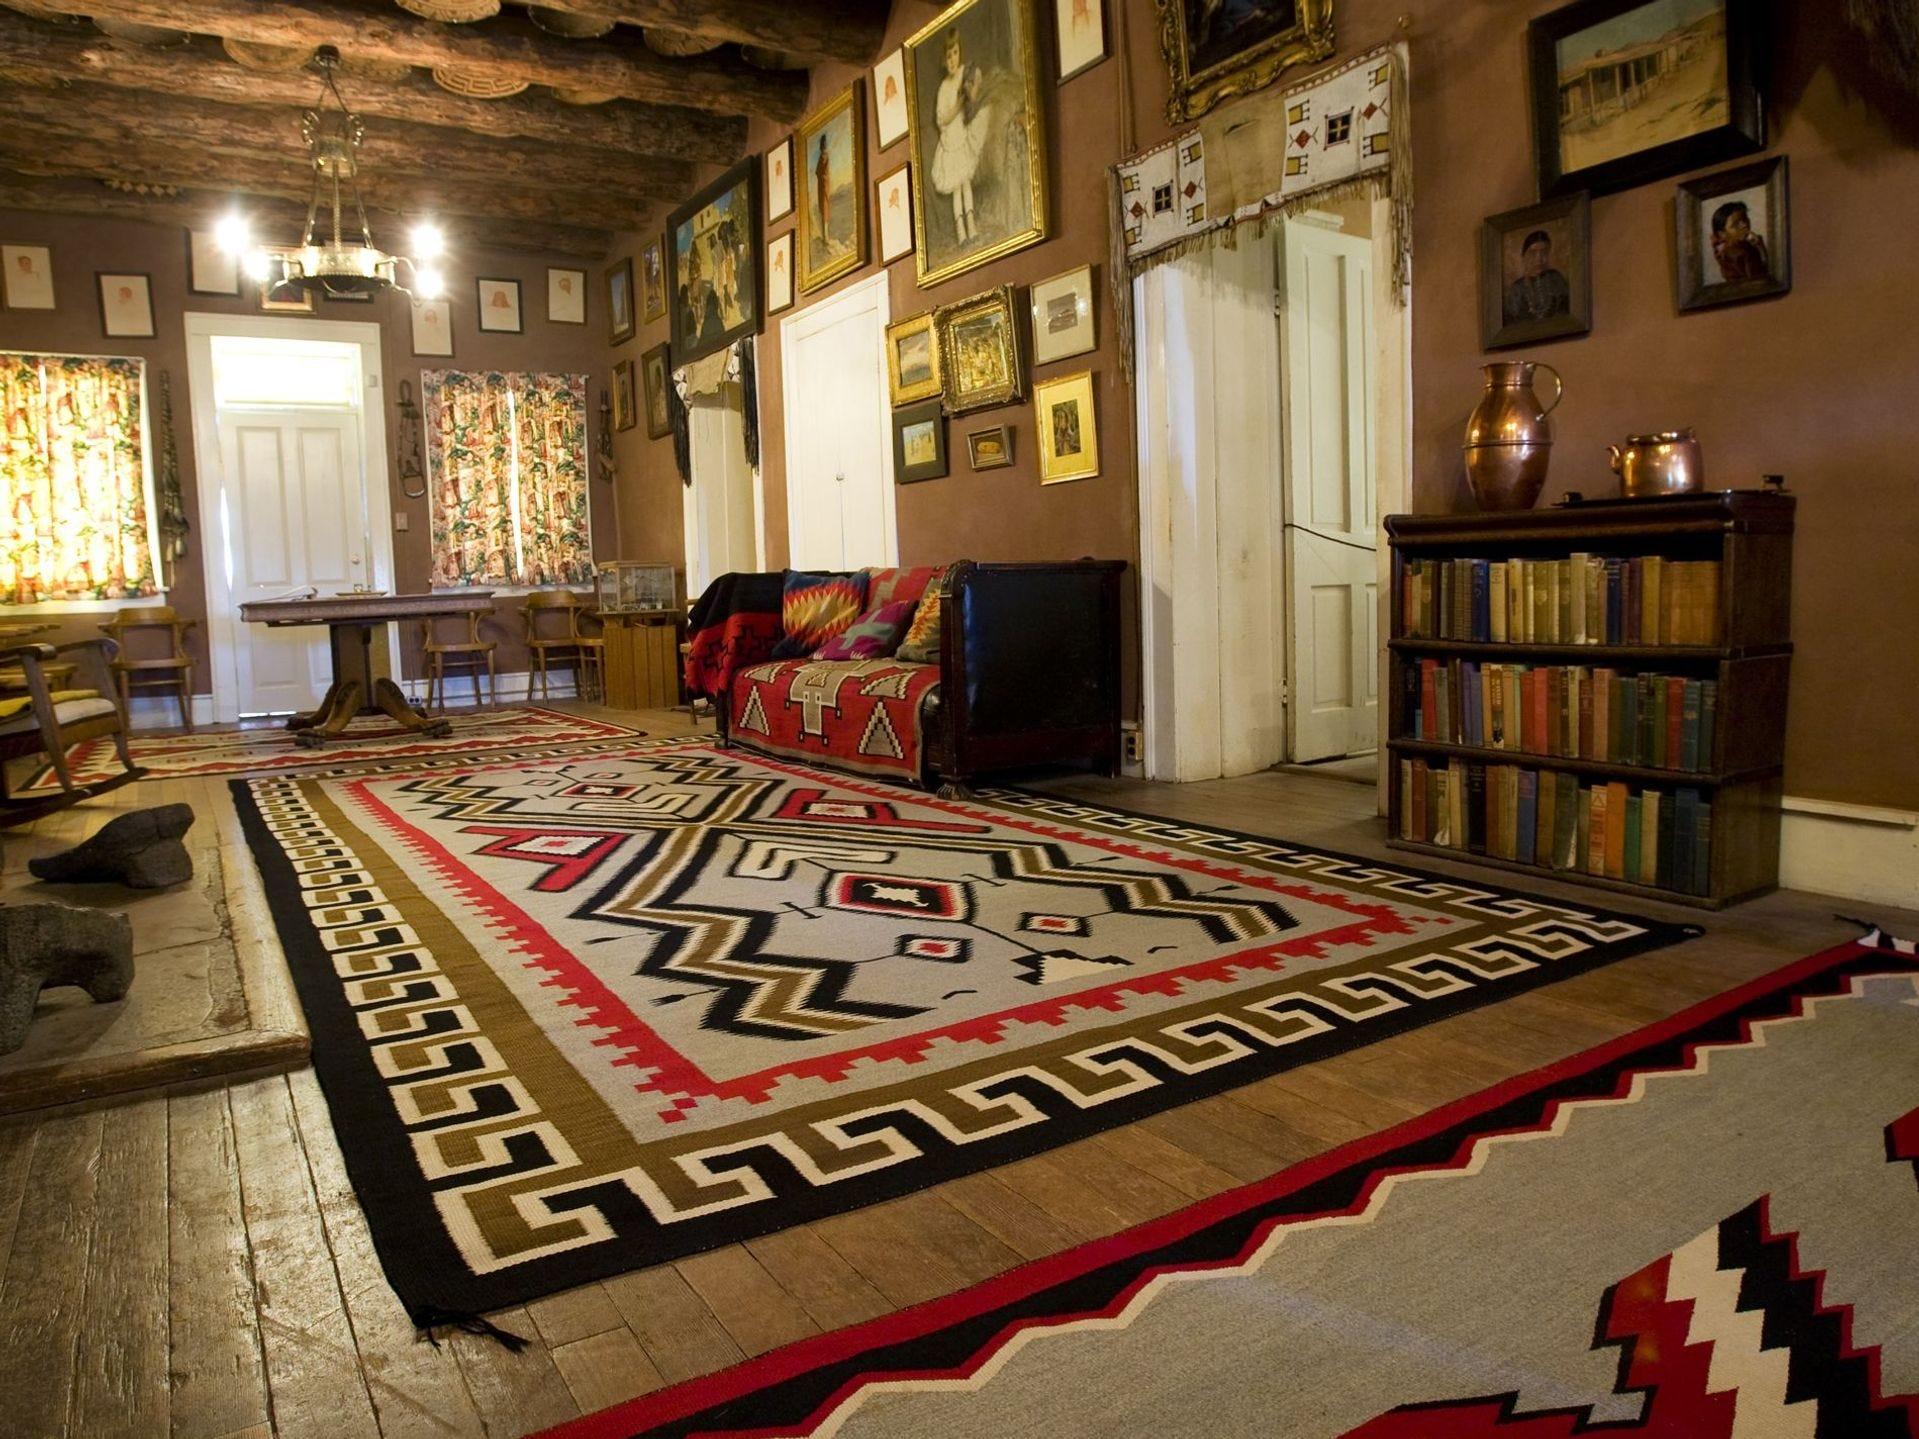 La sala de estar de la casa de John Lorenzo Hubbell se ve en el Sitio Histórico Nacional Hubbell Trading Post en Ganado el martes 31 de marzo de 2009. Se ofrecen recorridos de la casa de Hubbell con colecciones de los navajos, el sudoeste y la americana varias veces. día.